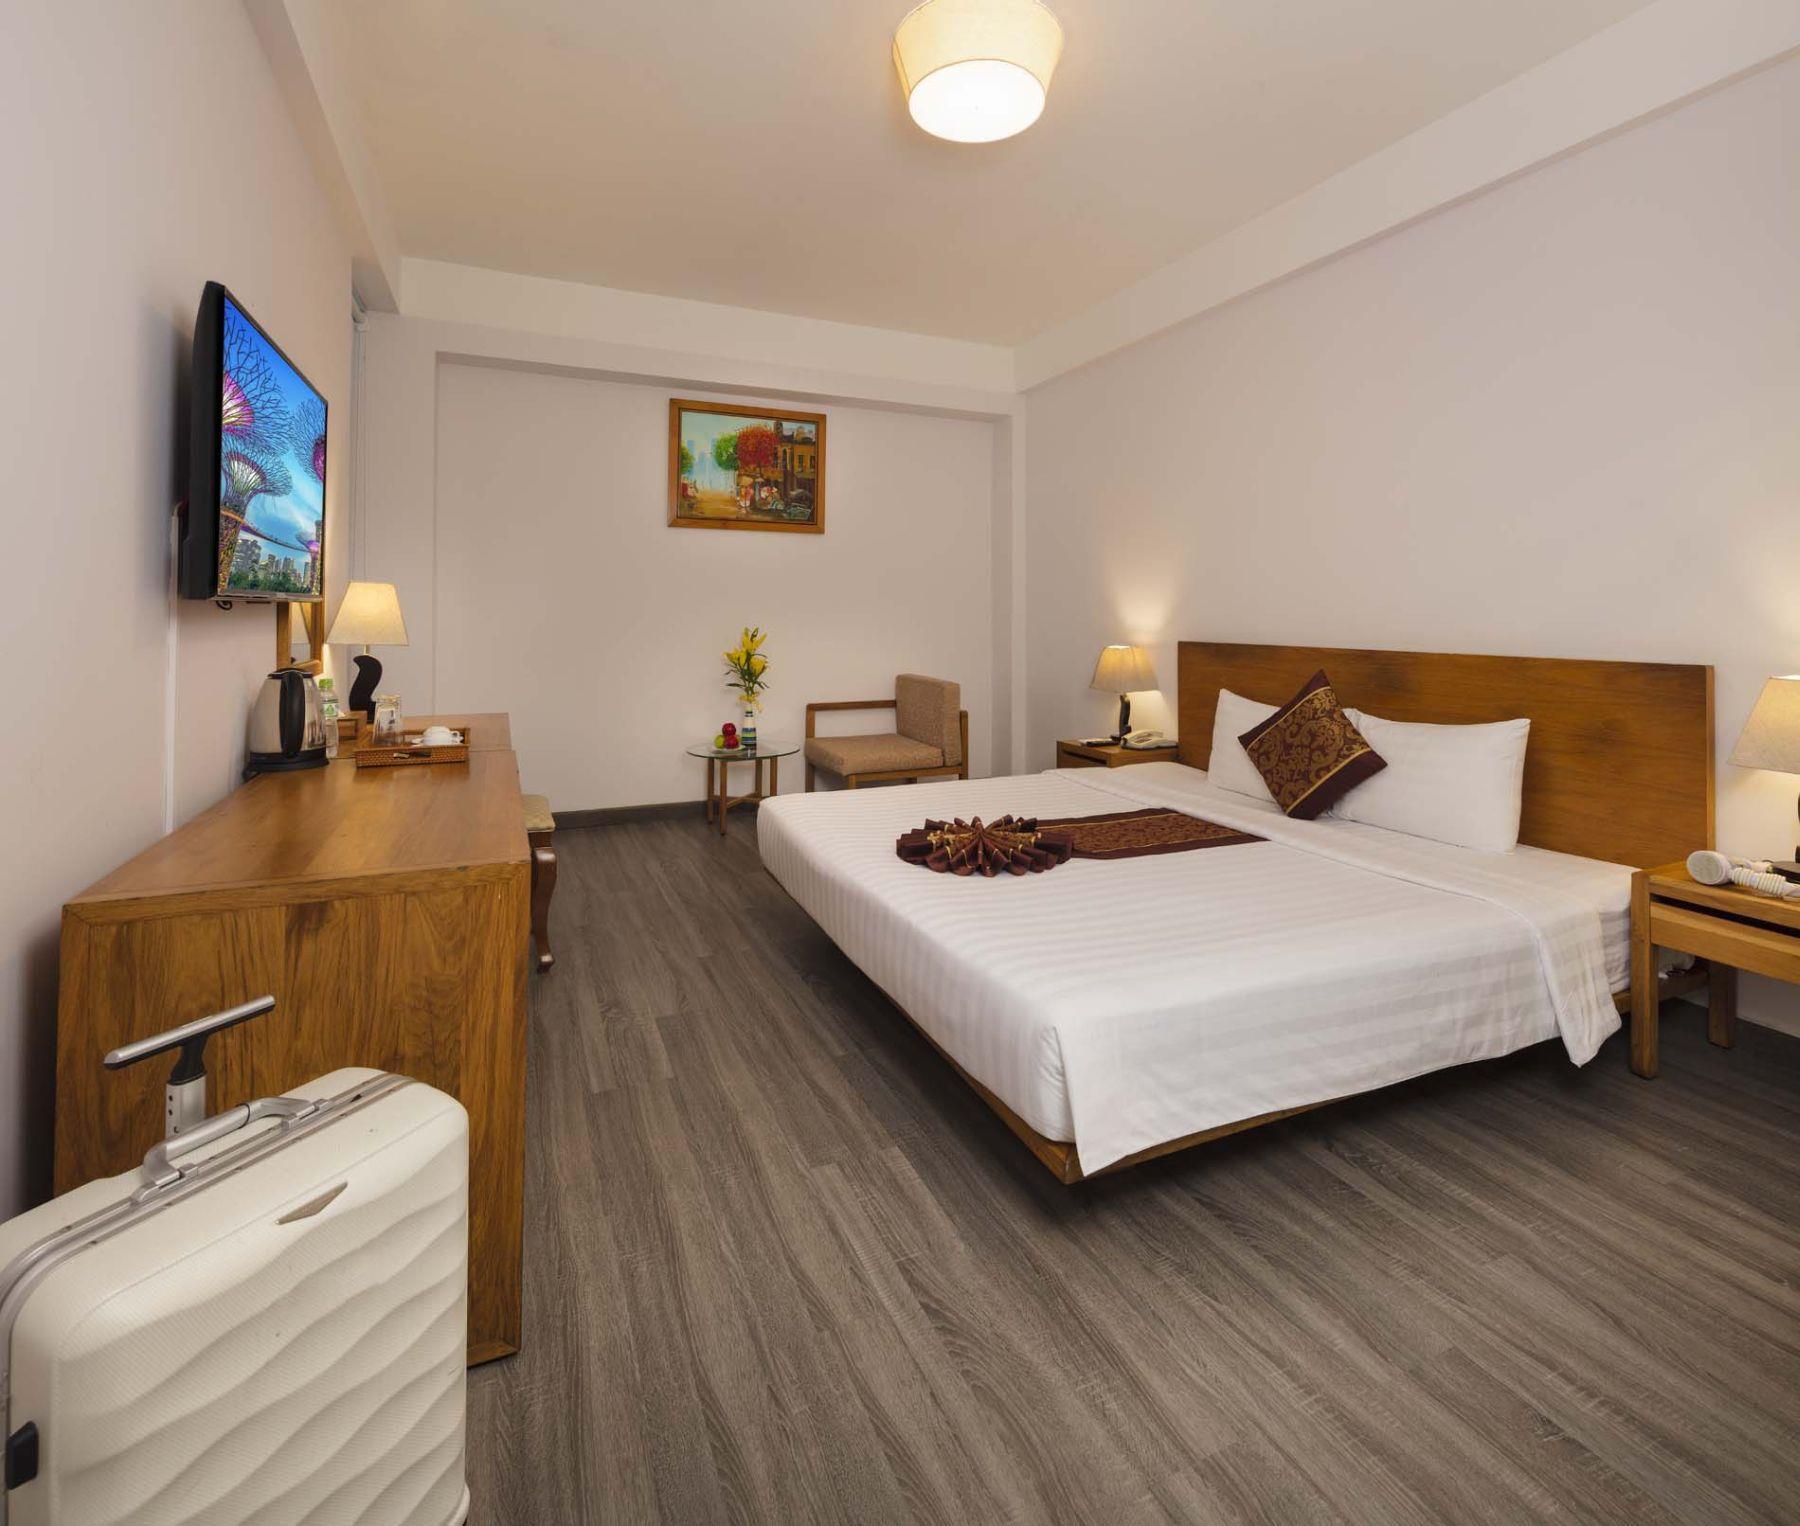 Вьетнам отель прайм фото